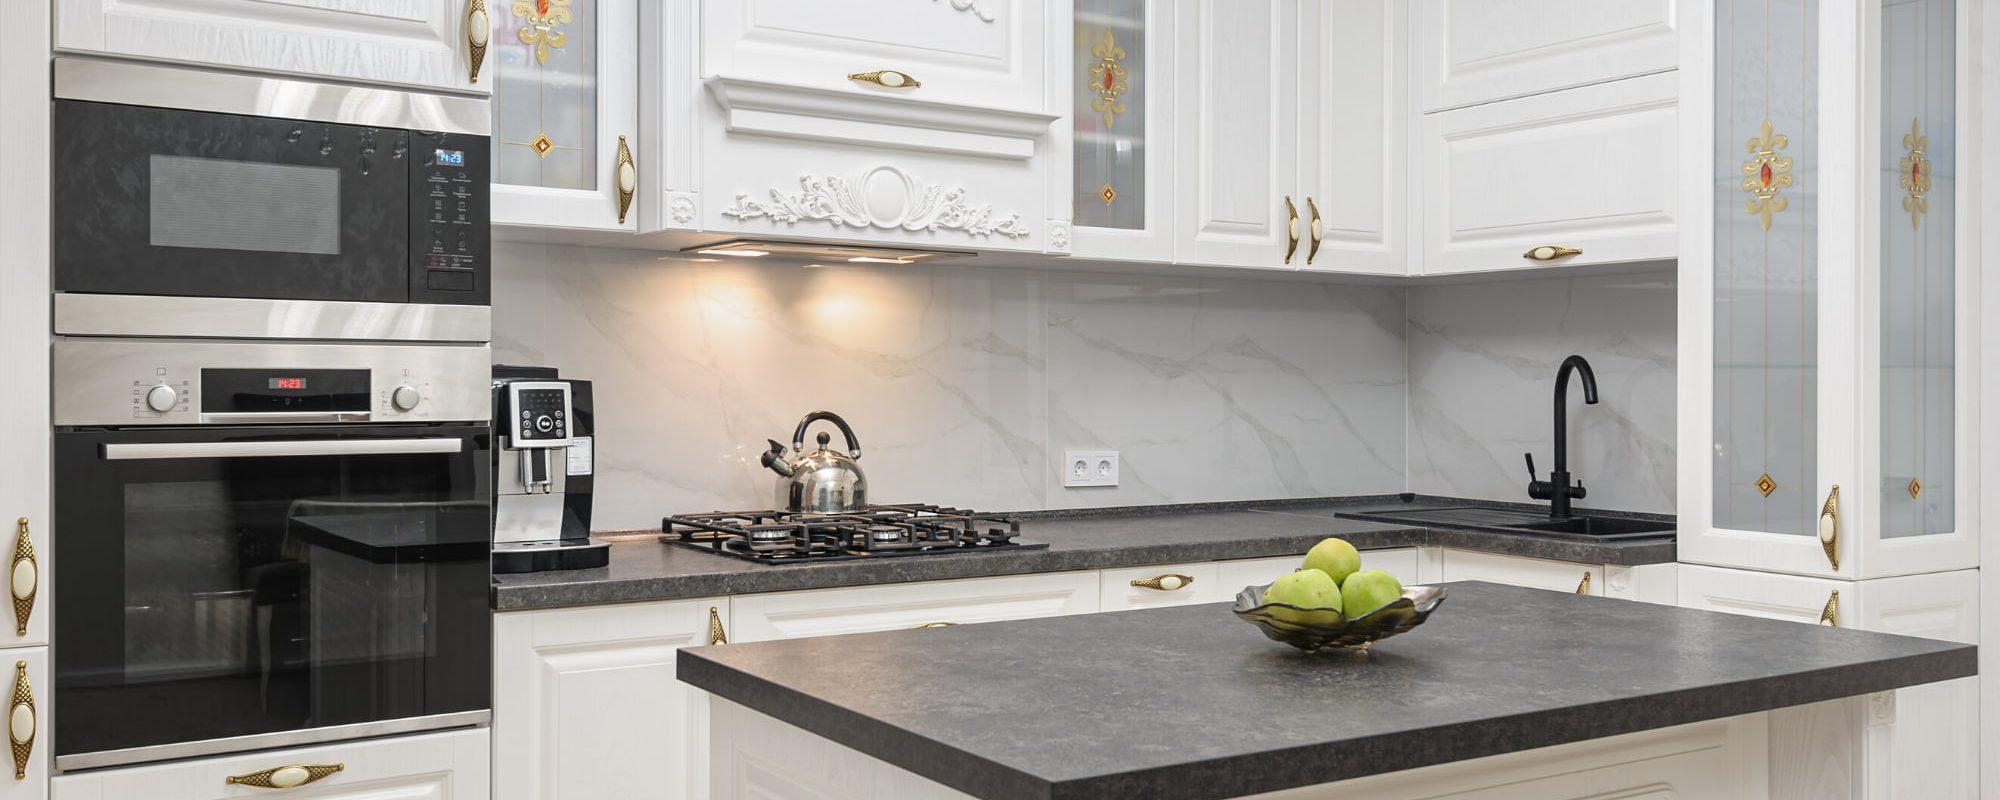 9 Top Kitchen Countertop Trends in 9